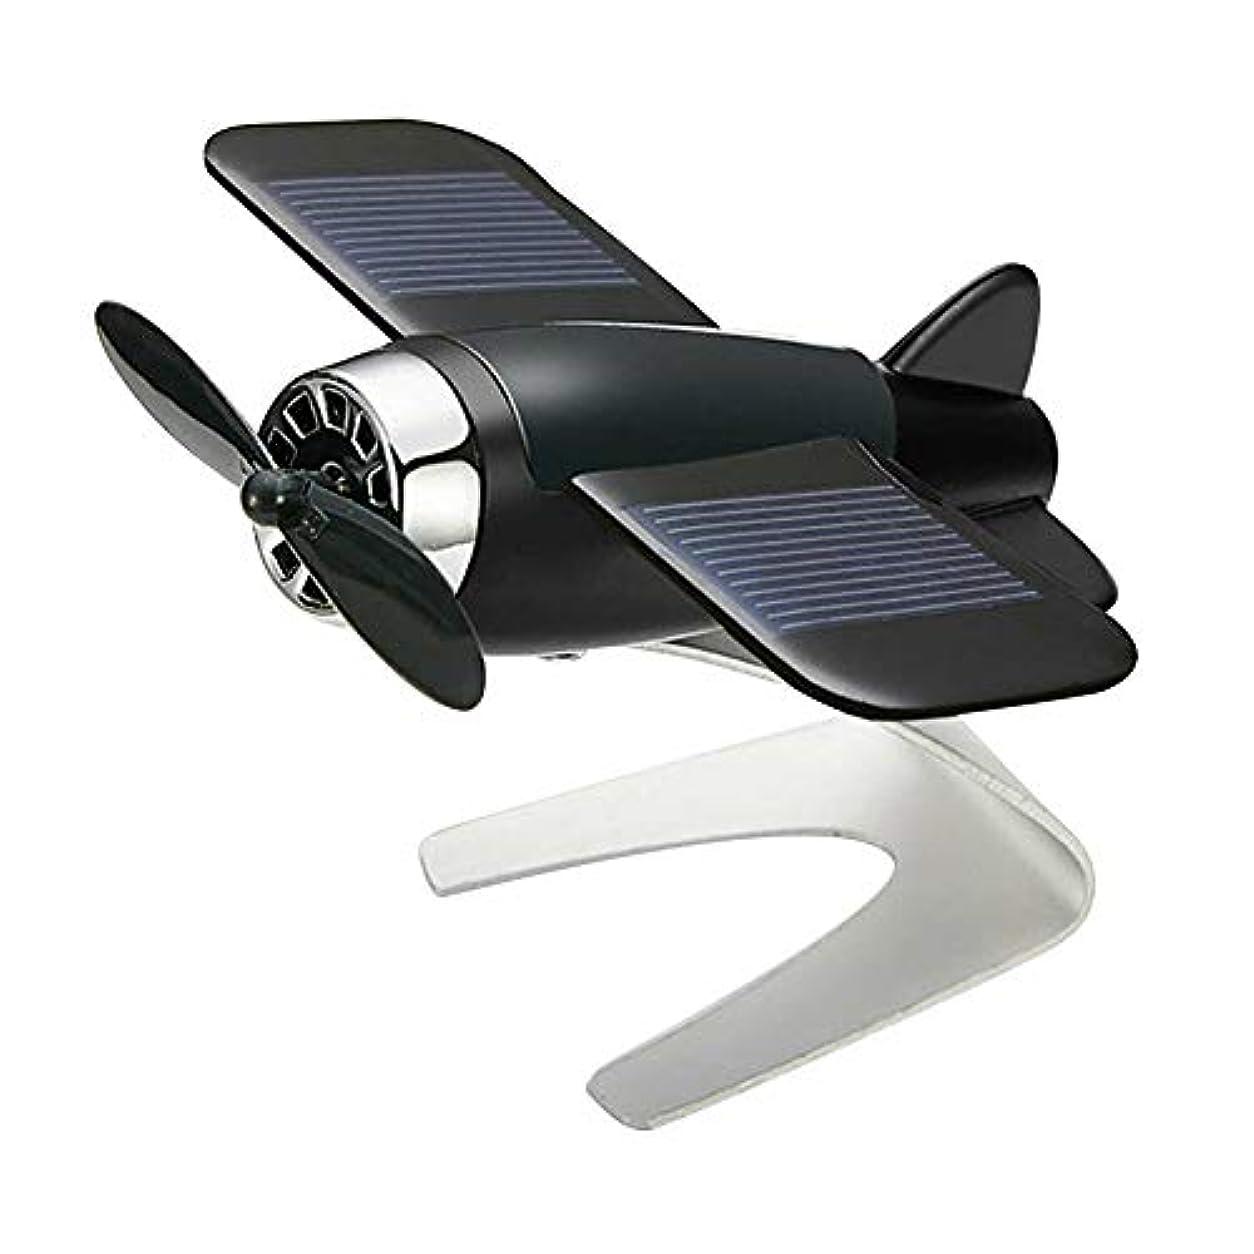 五疑問に思う不名誉なSymboat 車の芳香剤飛行機航空機モデル太陽エネルギーアロマテラピー室内装飾